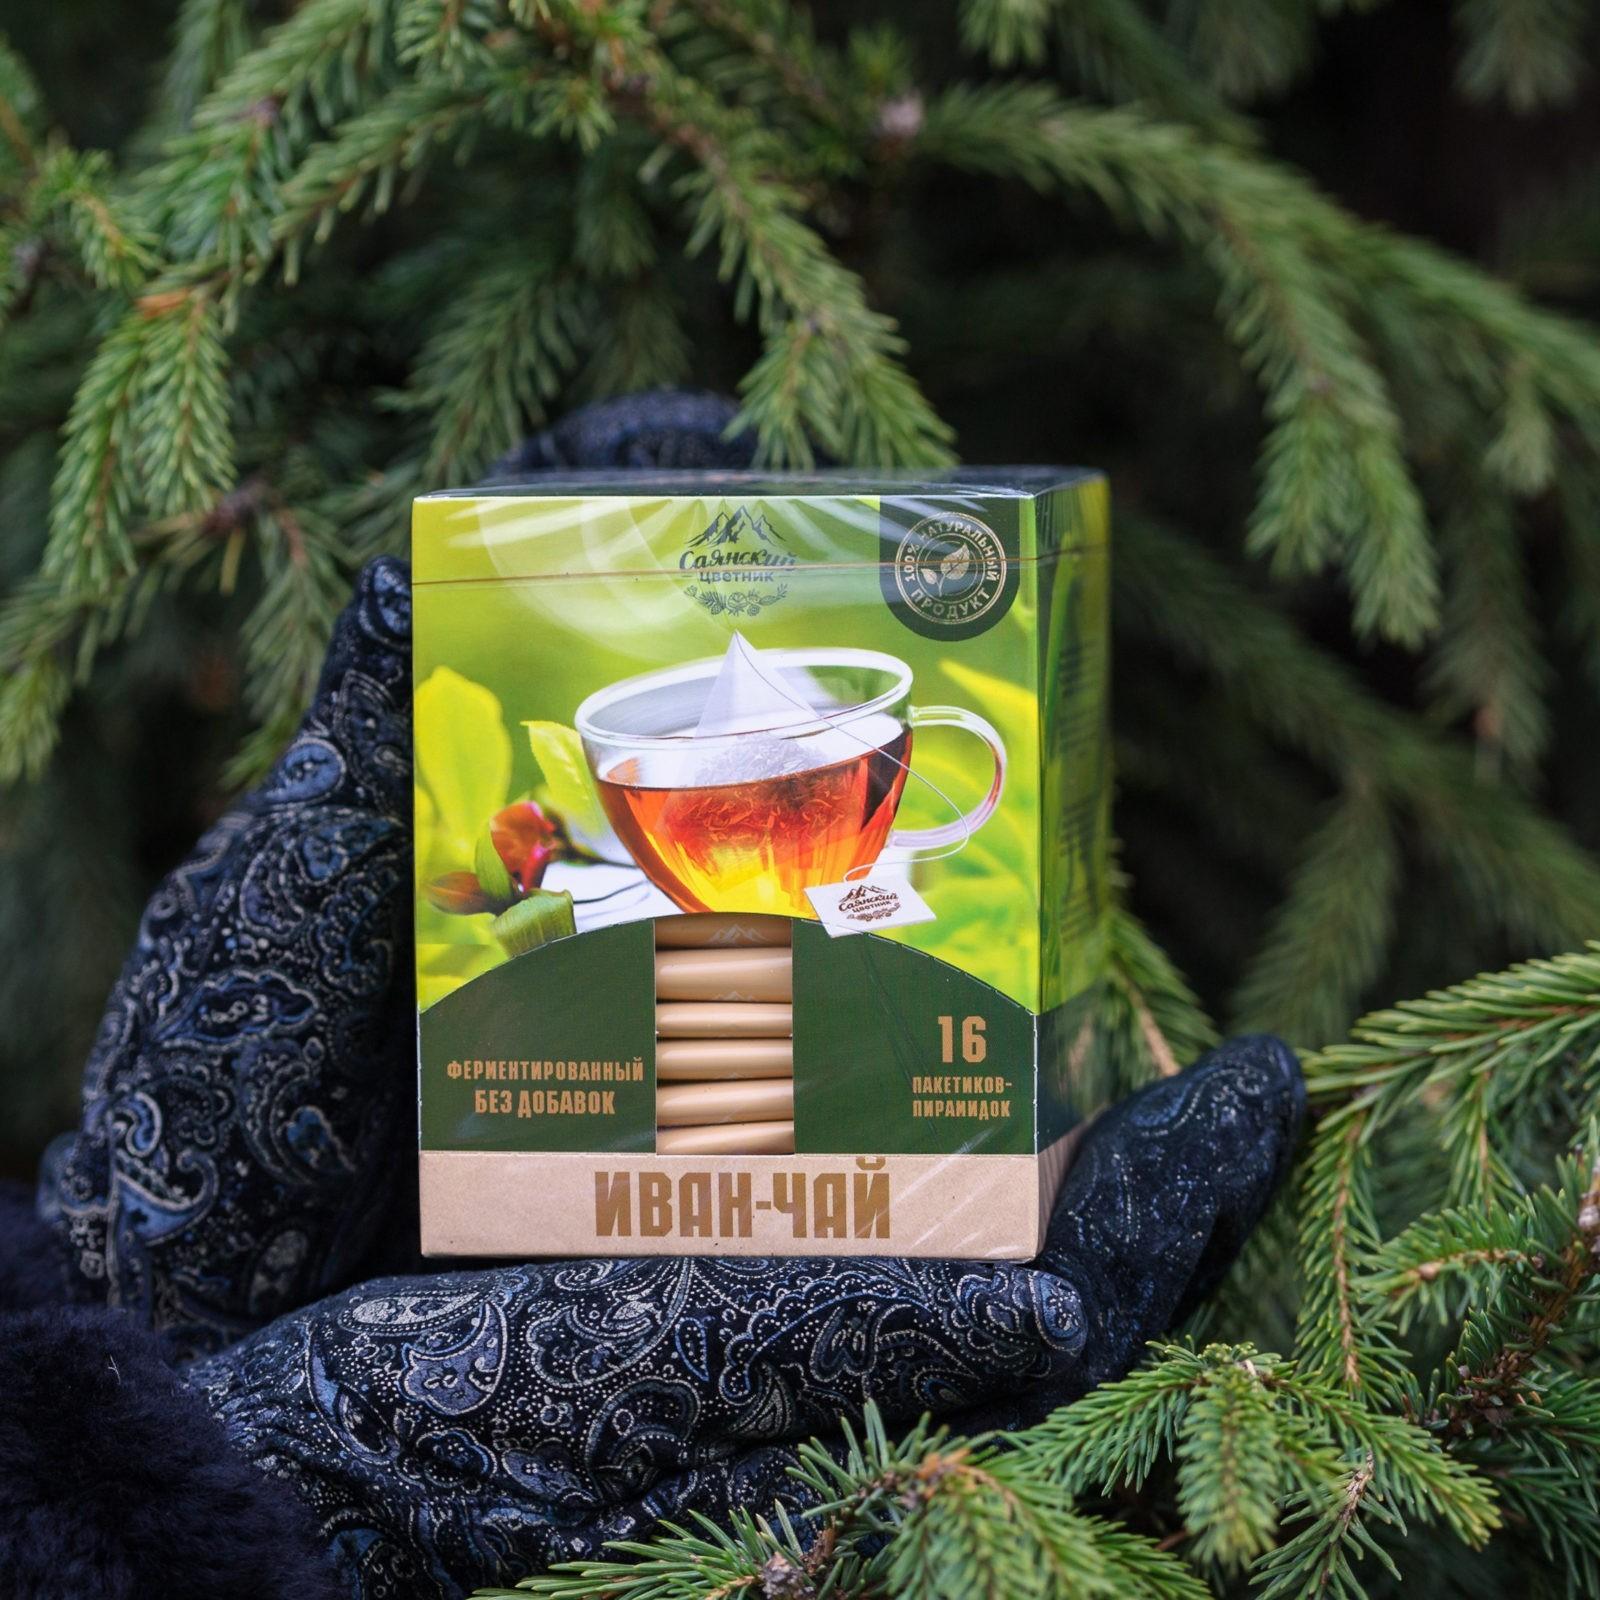 Иван чай пакетированный  без добавок